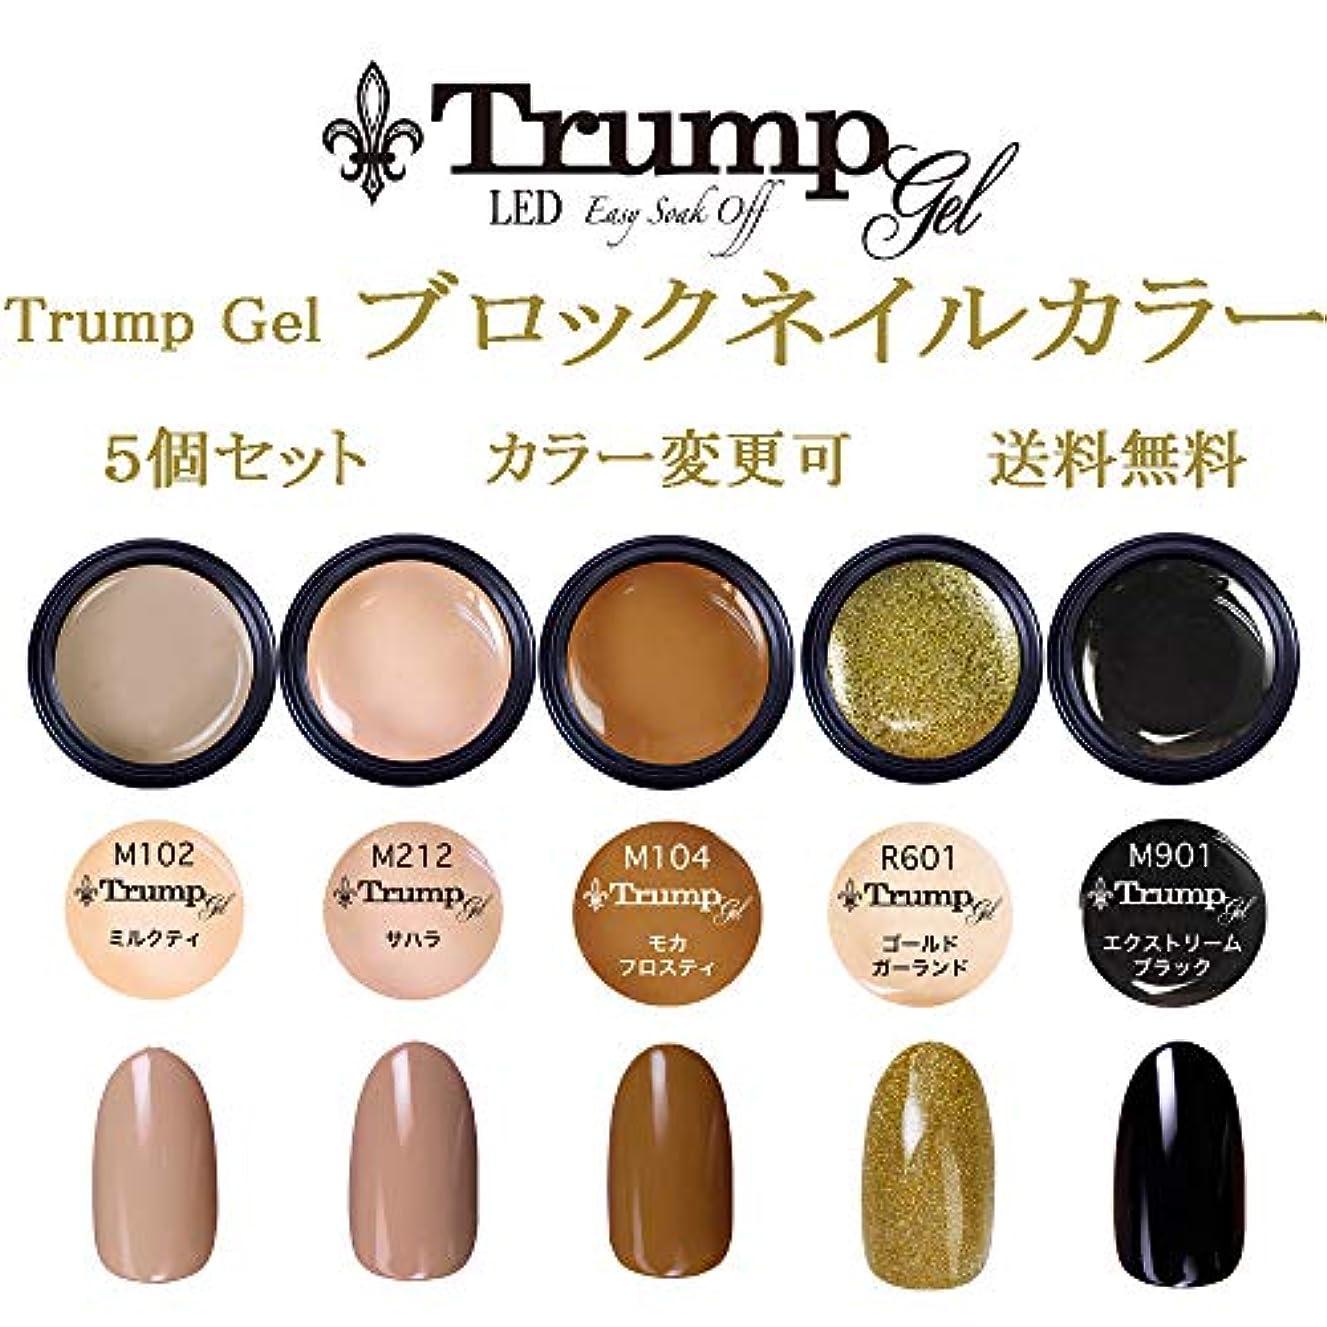 パートナー解釈証書日本製 Trump gel トランプジェル ブロックネイル 選べる カラージェル 5個セット ゴールド ラメ ブラウン ブラック ピンク ベージュ